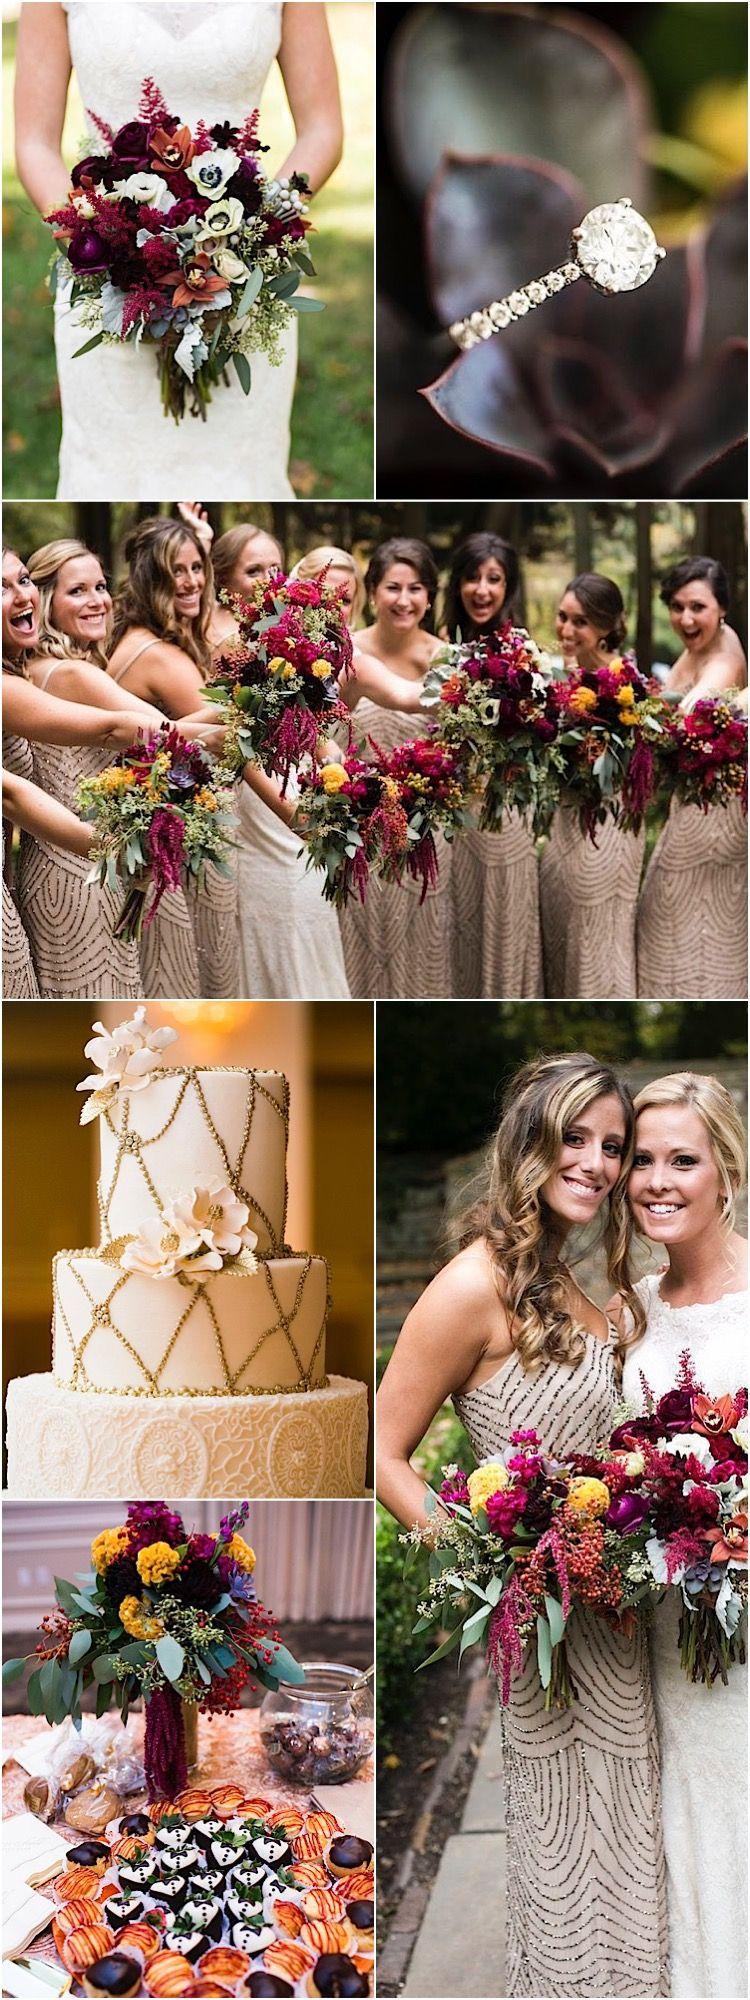 1920's themed wedding decorations november 2018 s Bohemian Pennsylvania Wedding  Wedding Ideas  Pinterest